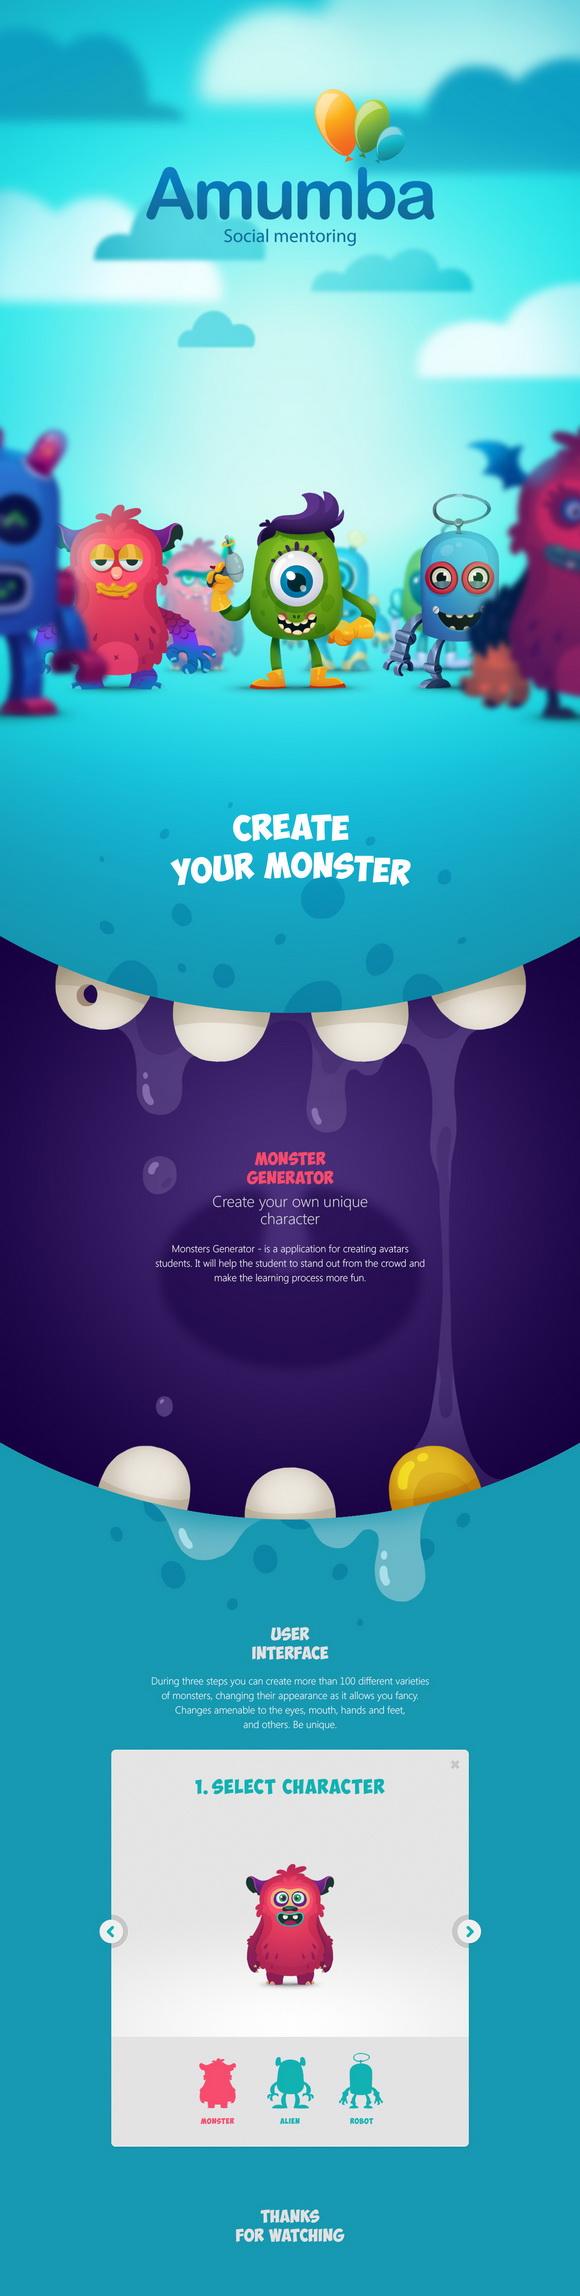 monster_present_1280